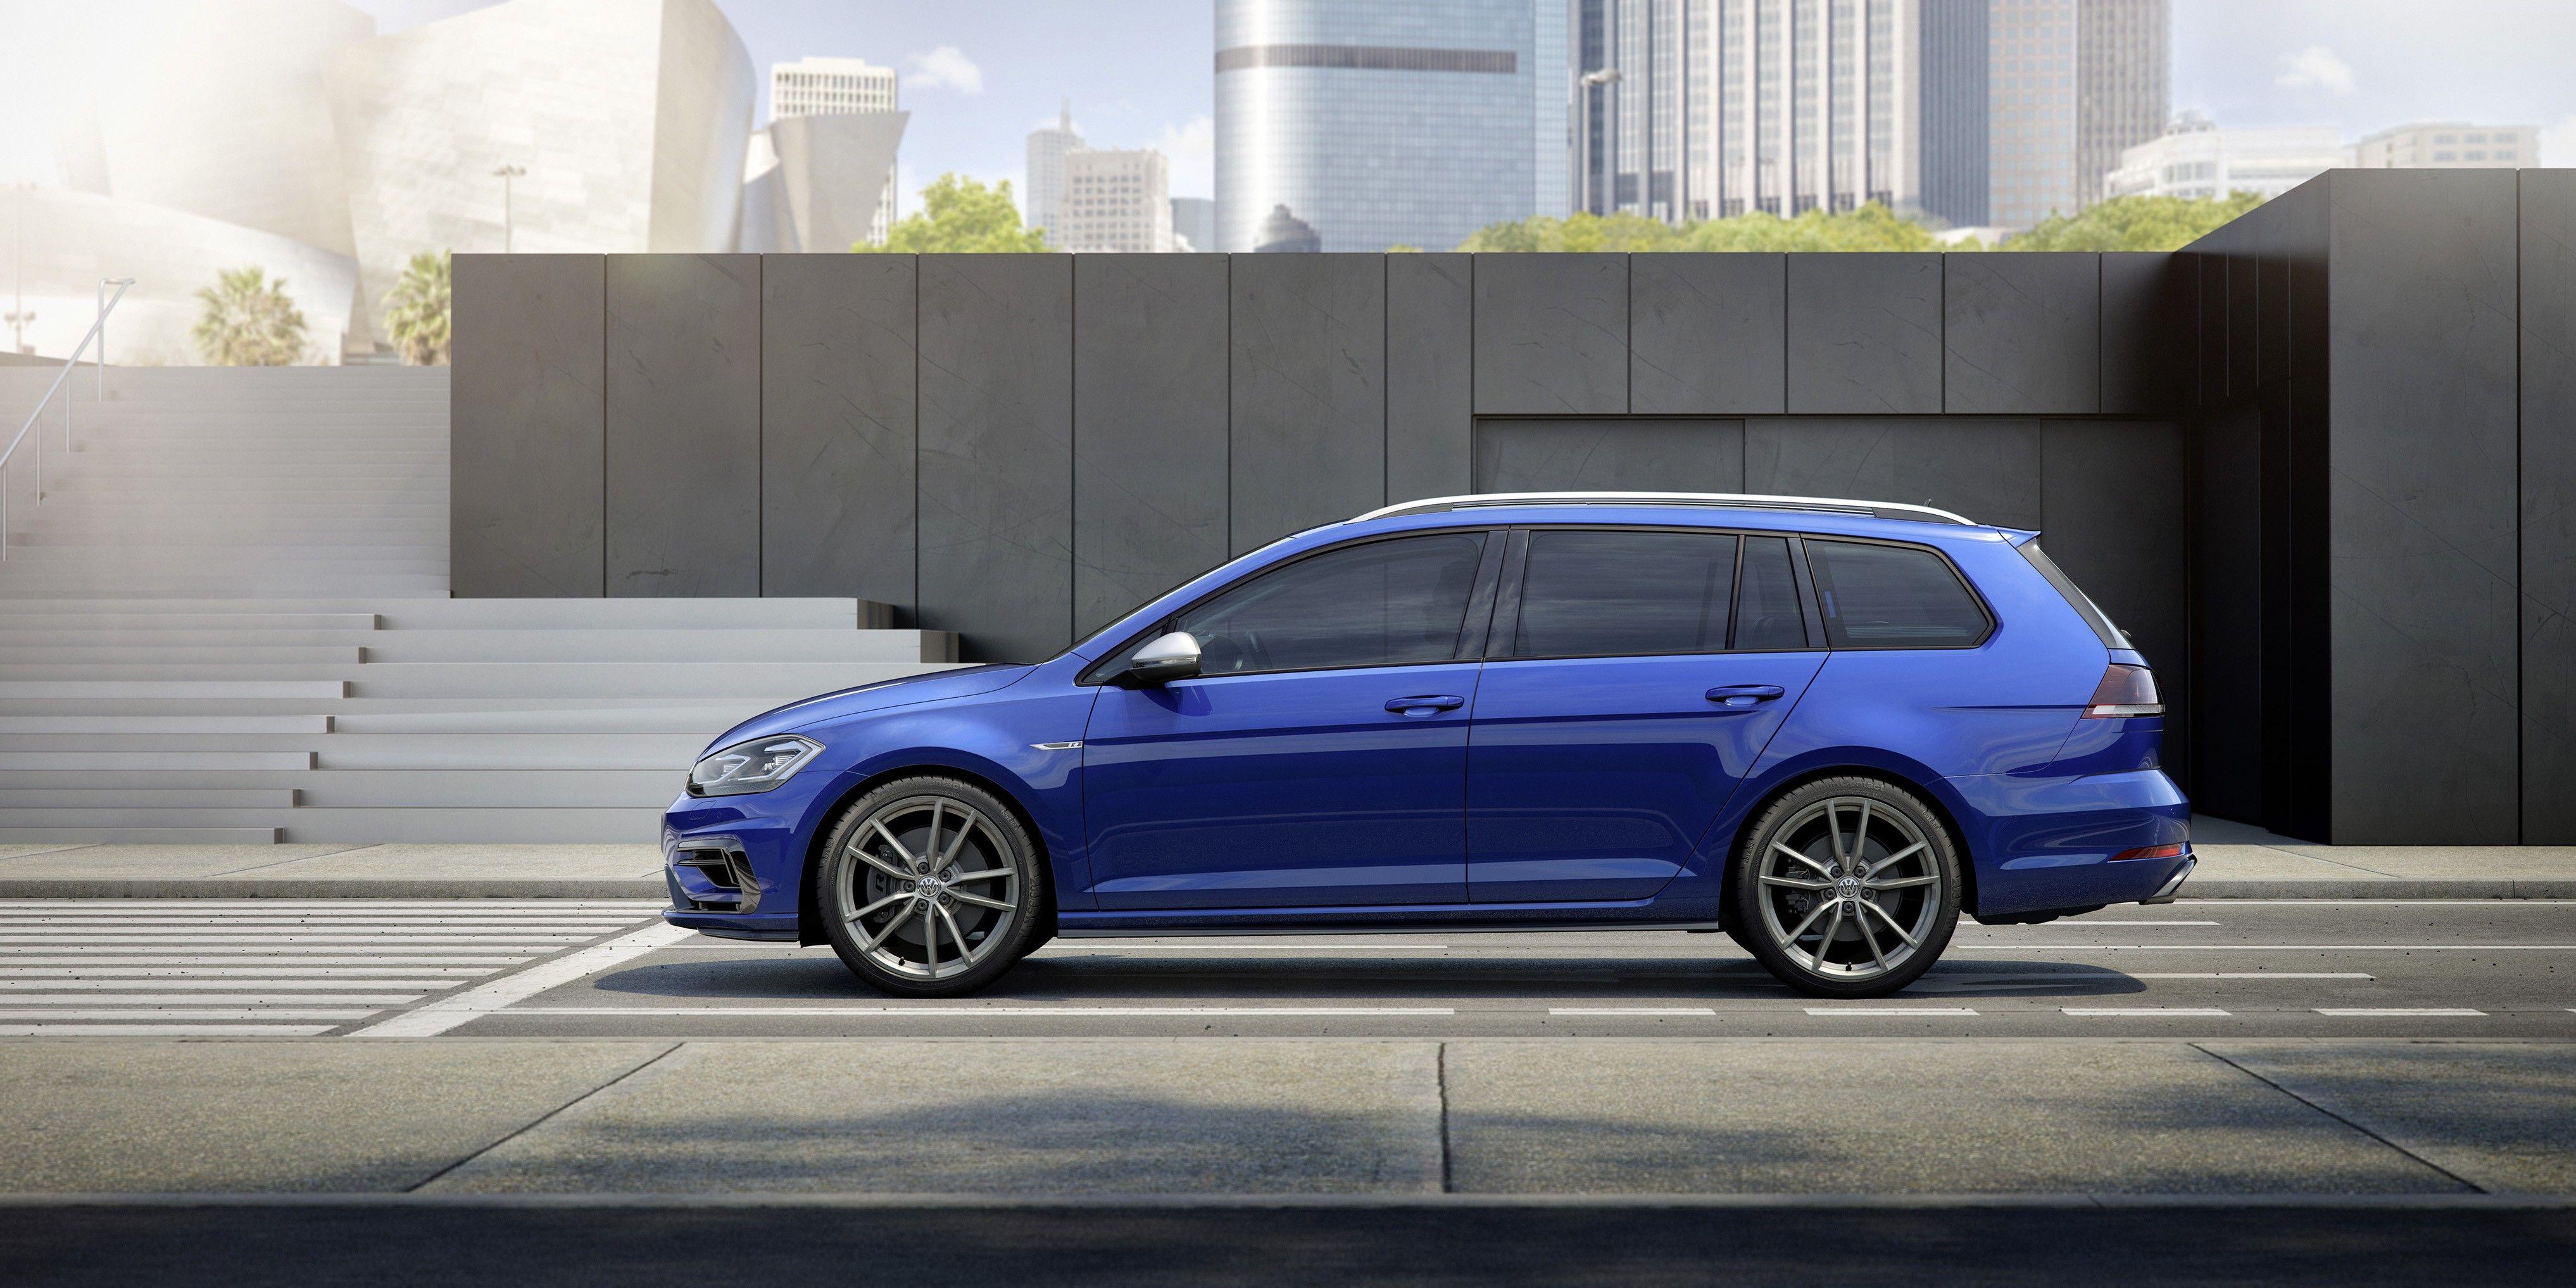 2020 Volkswagen Golf Rs 2020 Volkswagen Golf Rs